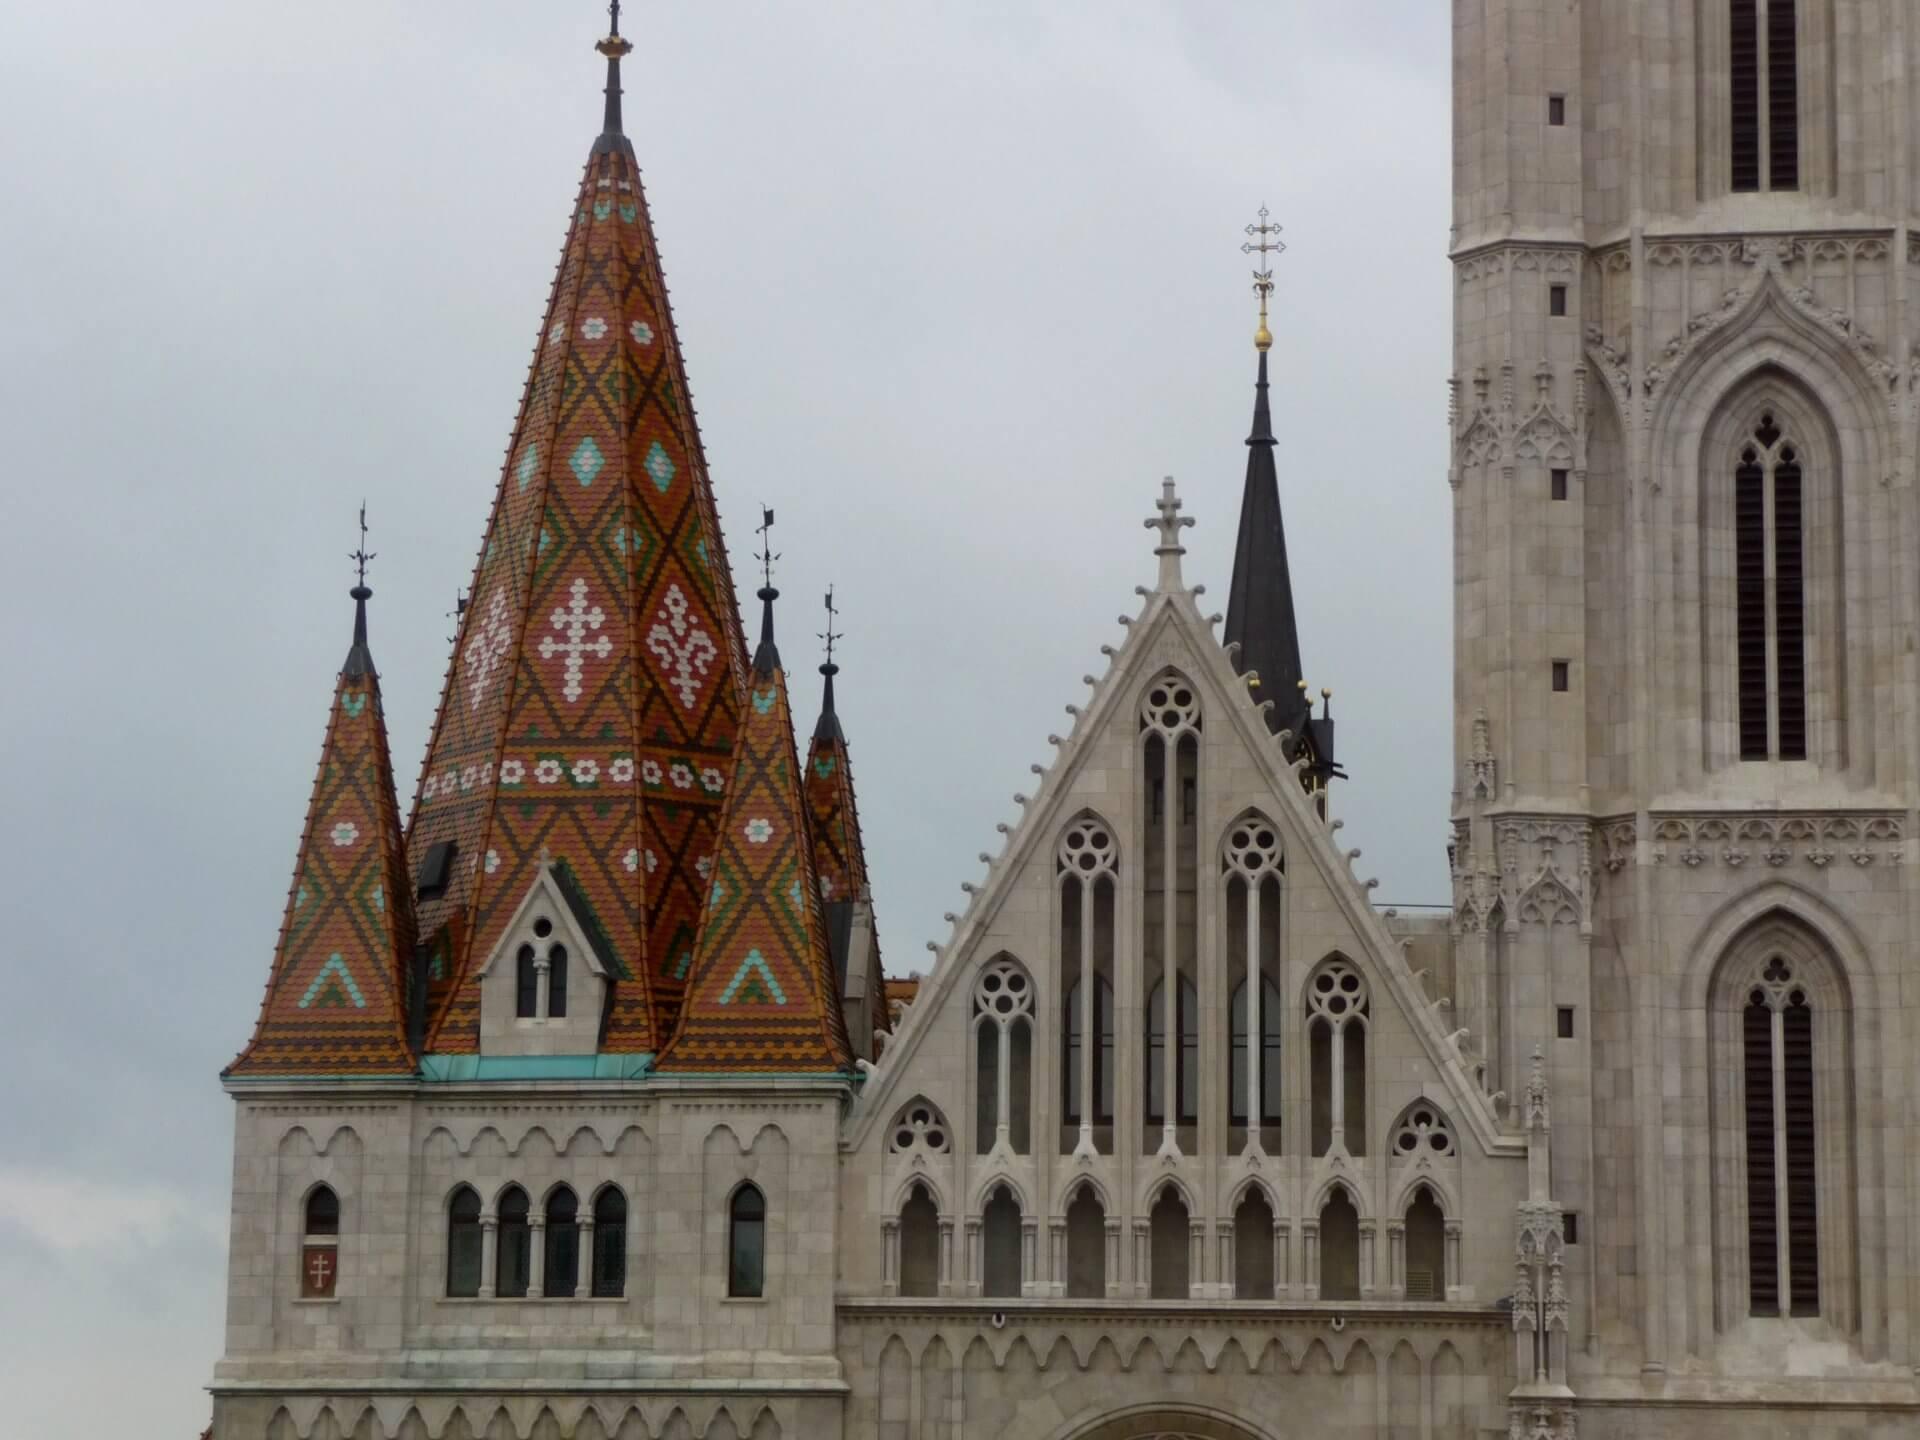 Béla-Turm an der Westfassade der Matthiaskirche